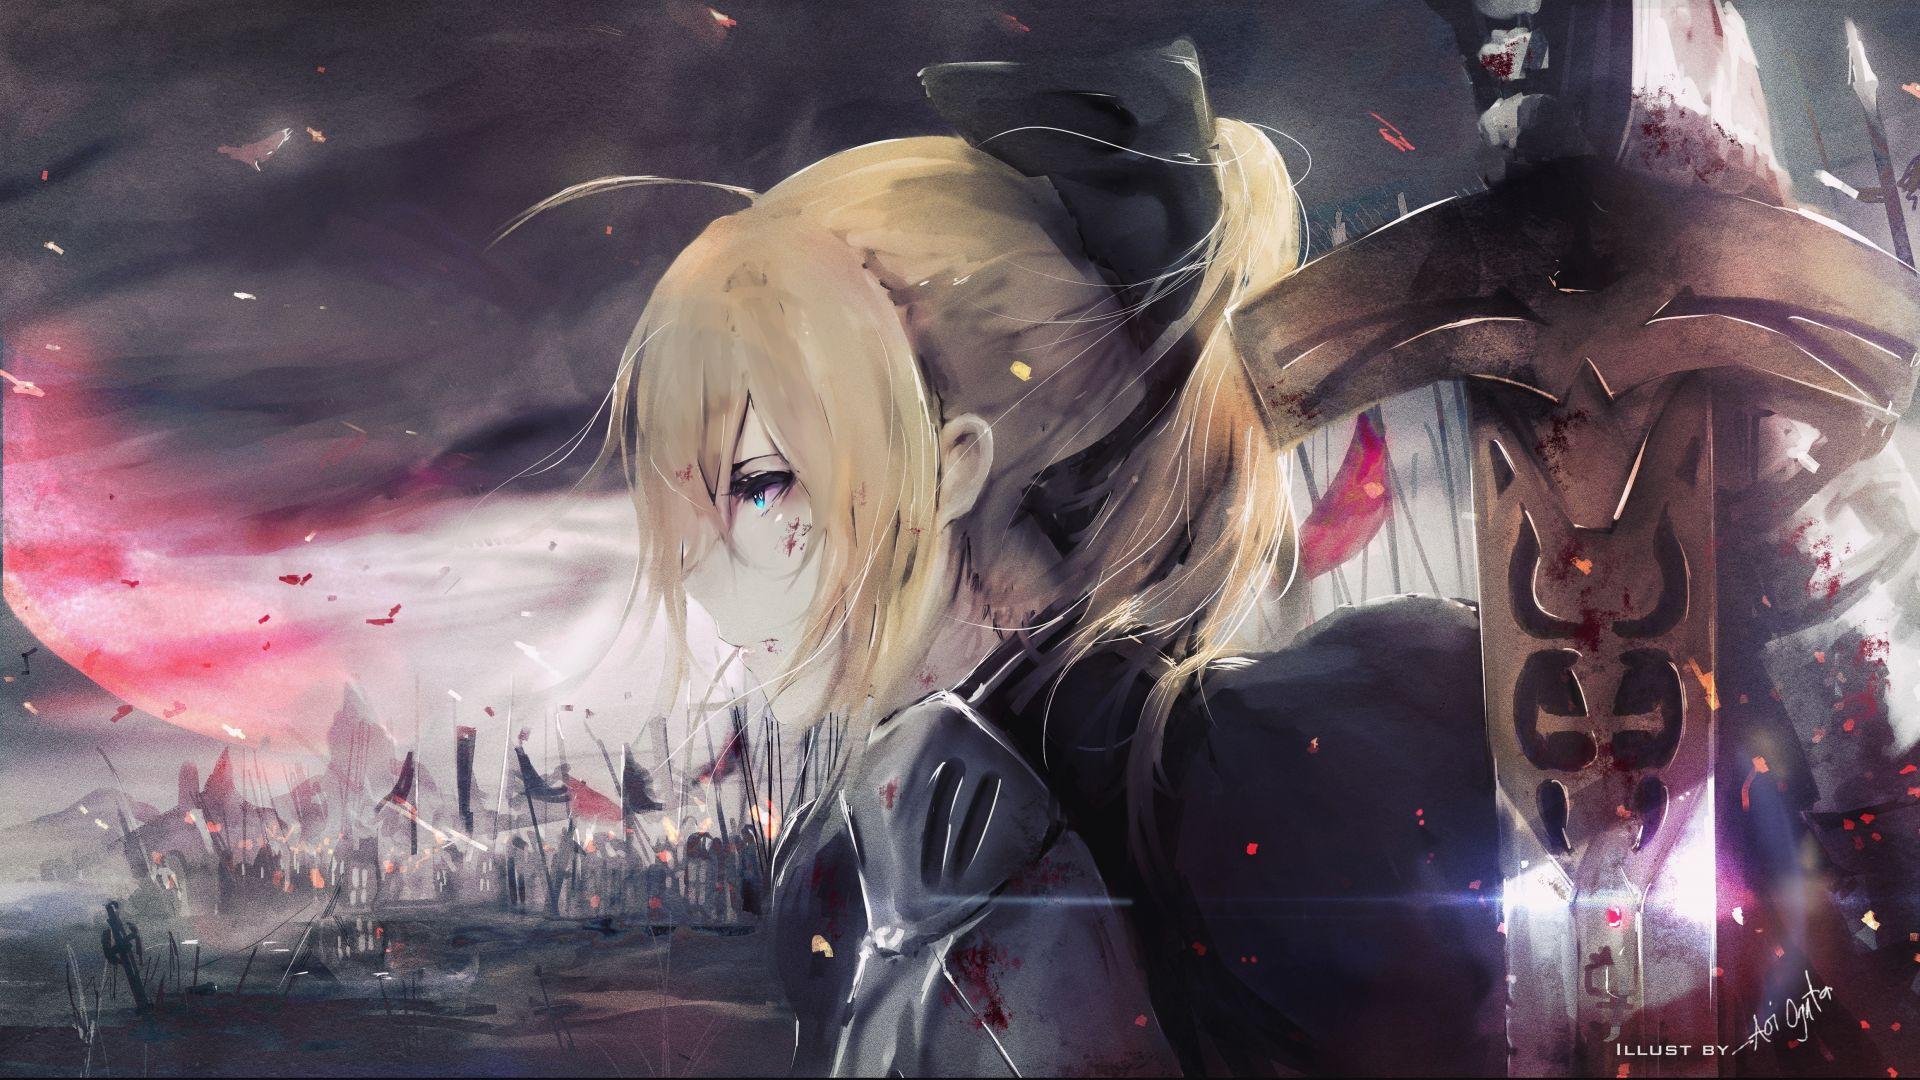 Wallpaper Aoi Ogata, anime girl, anime